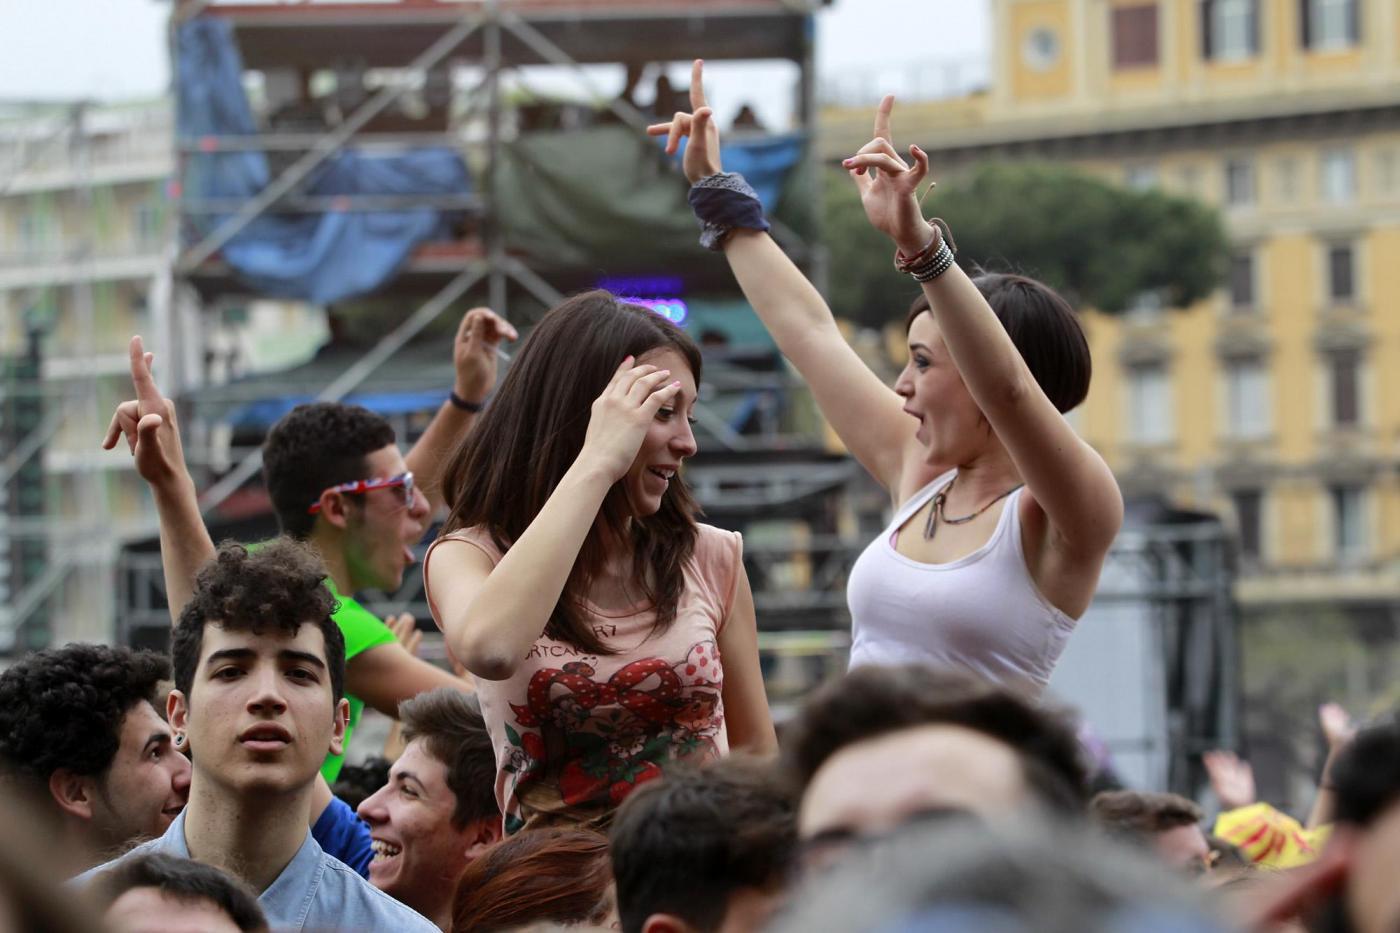 1 Maggio, concertone a San Giovanni: dal rock al reggae al pop, tutti i grandi artisti nel segno della solidarieta'